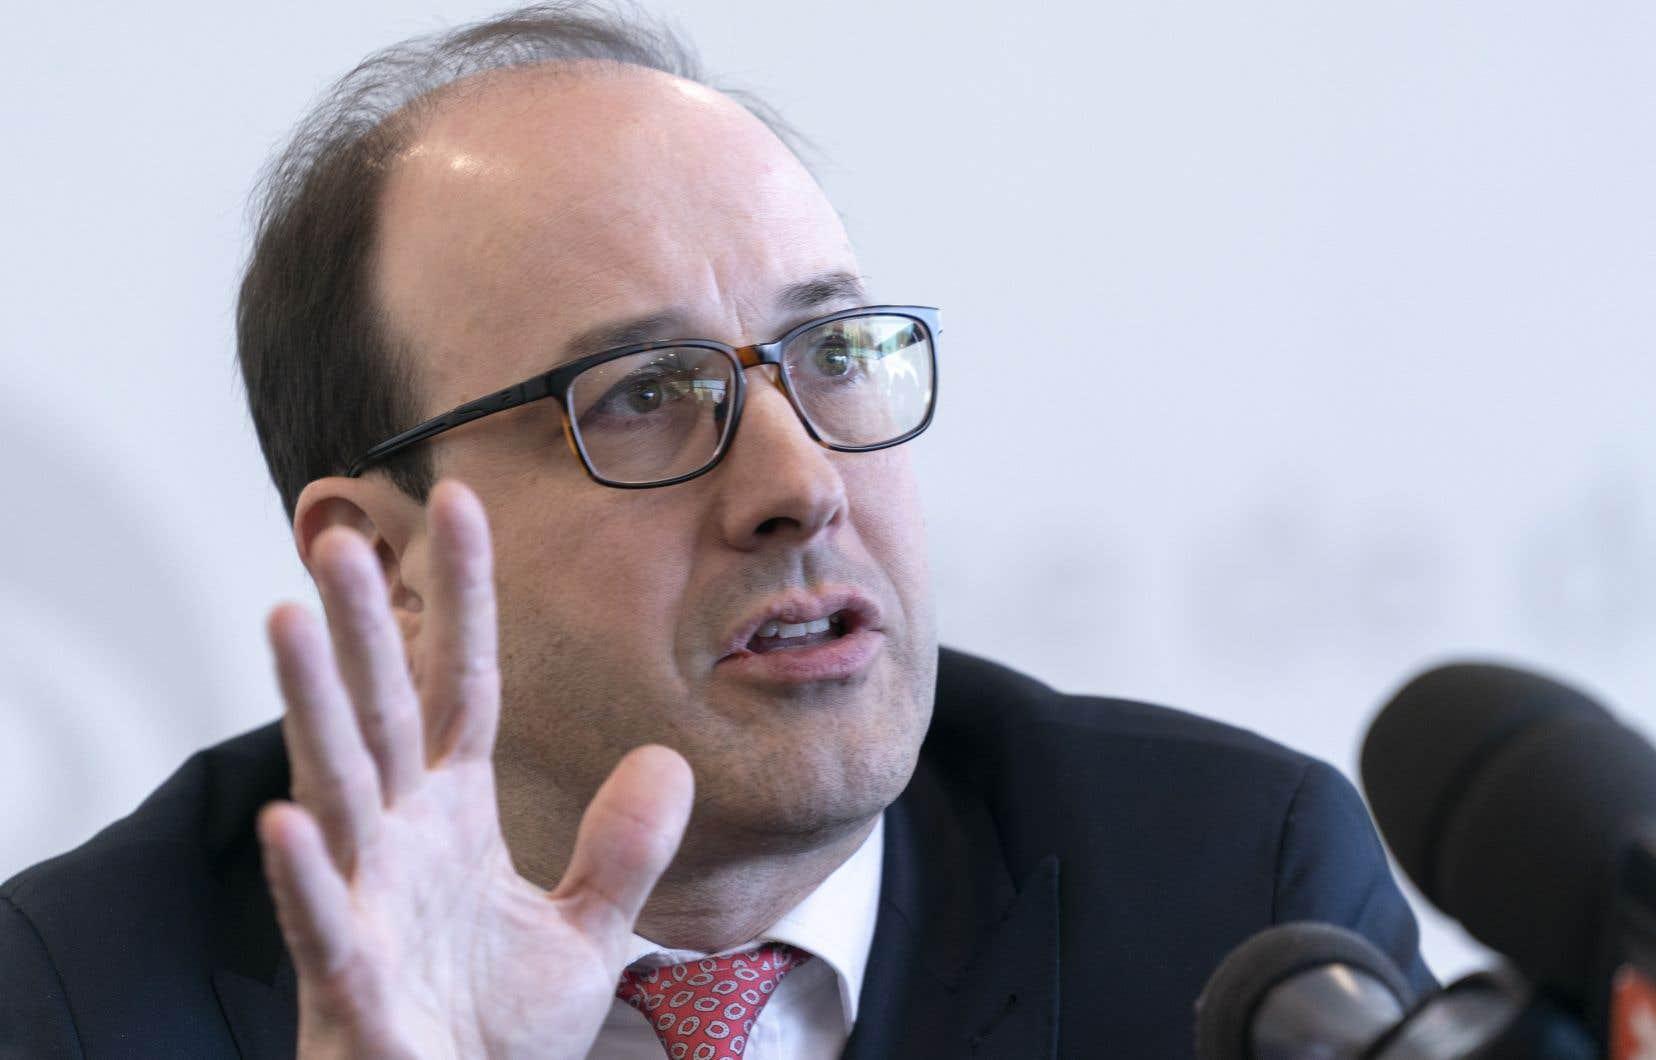 La contre-performance de la CDPQ s'explique en partie par le nombre relativement faible d'actions des géants du numérique dans son portefeuille, selon son grand patron, Charles Émond.